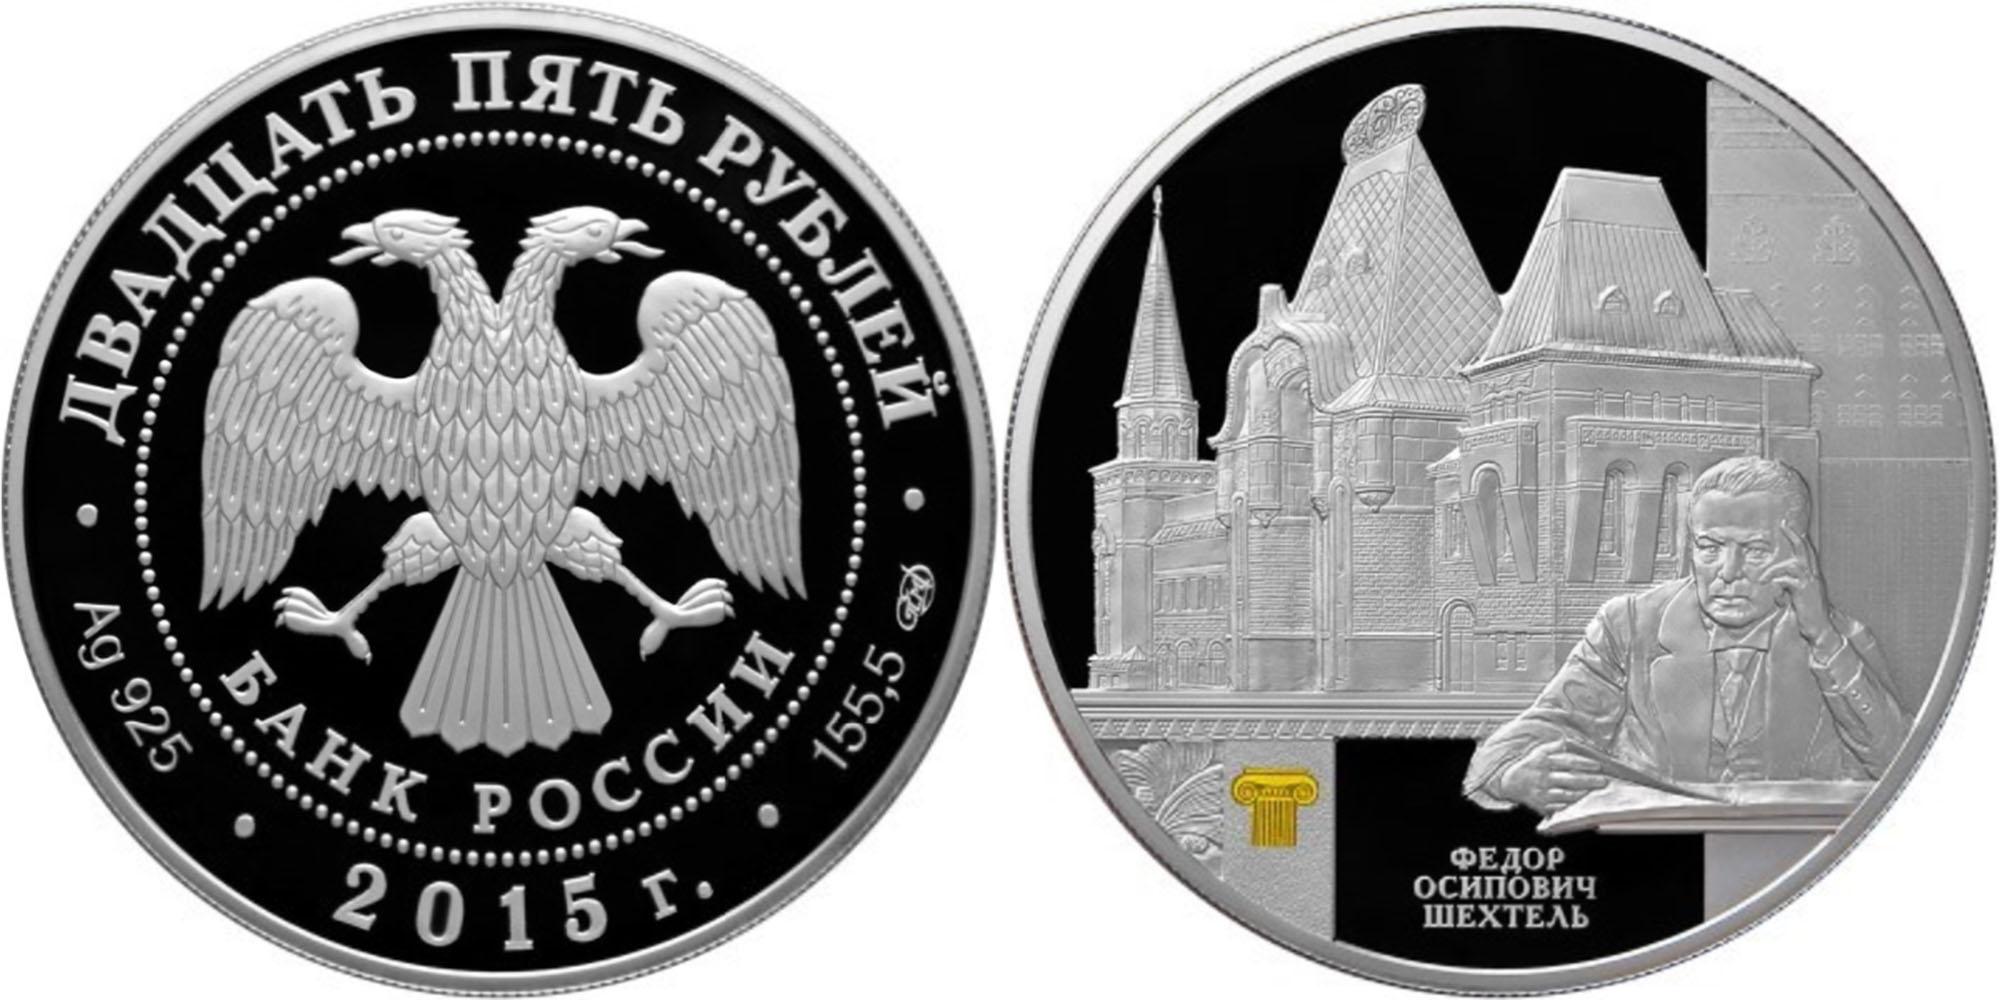 25 рублей с изображением Ярославского вокзала в Москве.